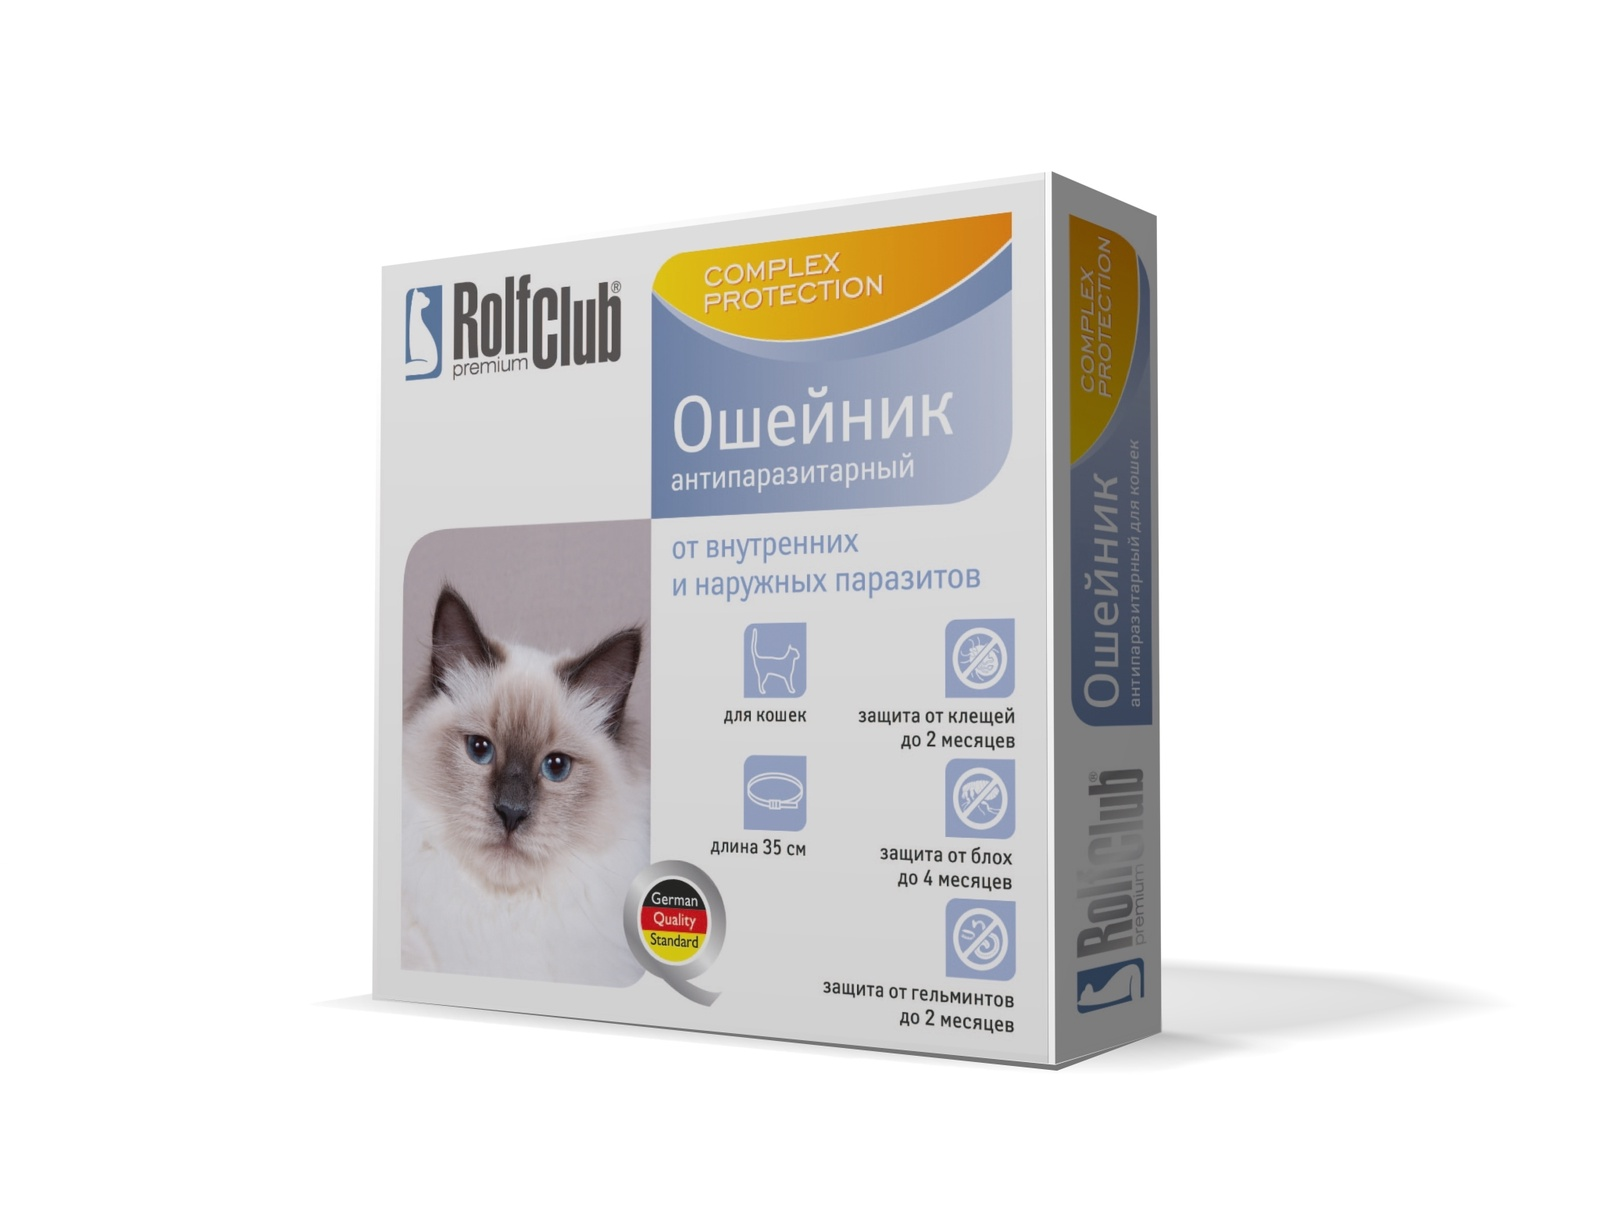 Rolf-Club ошейник для кошек всех пород от насекомых, клещей и гельминтов (40 см)